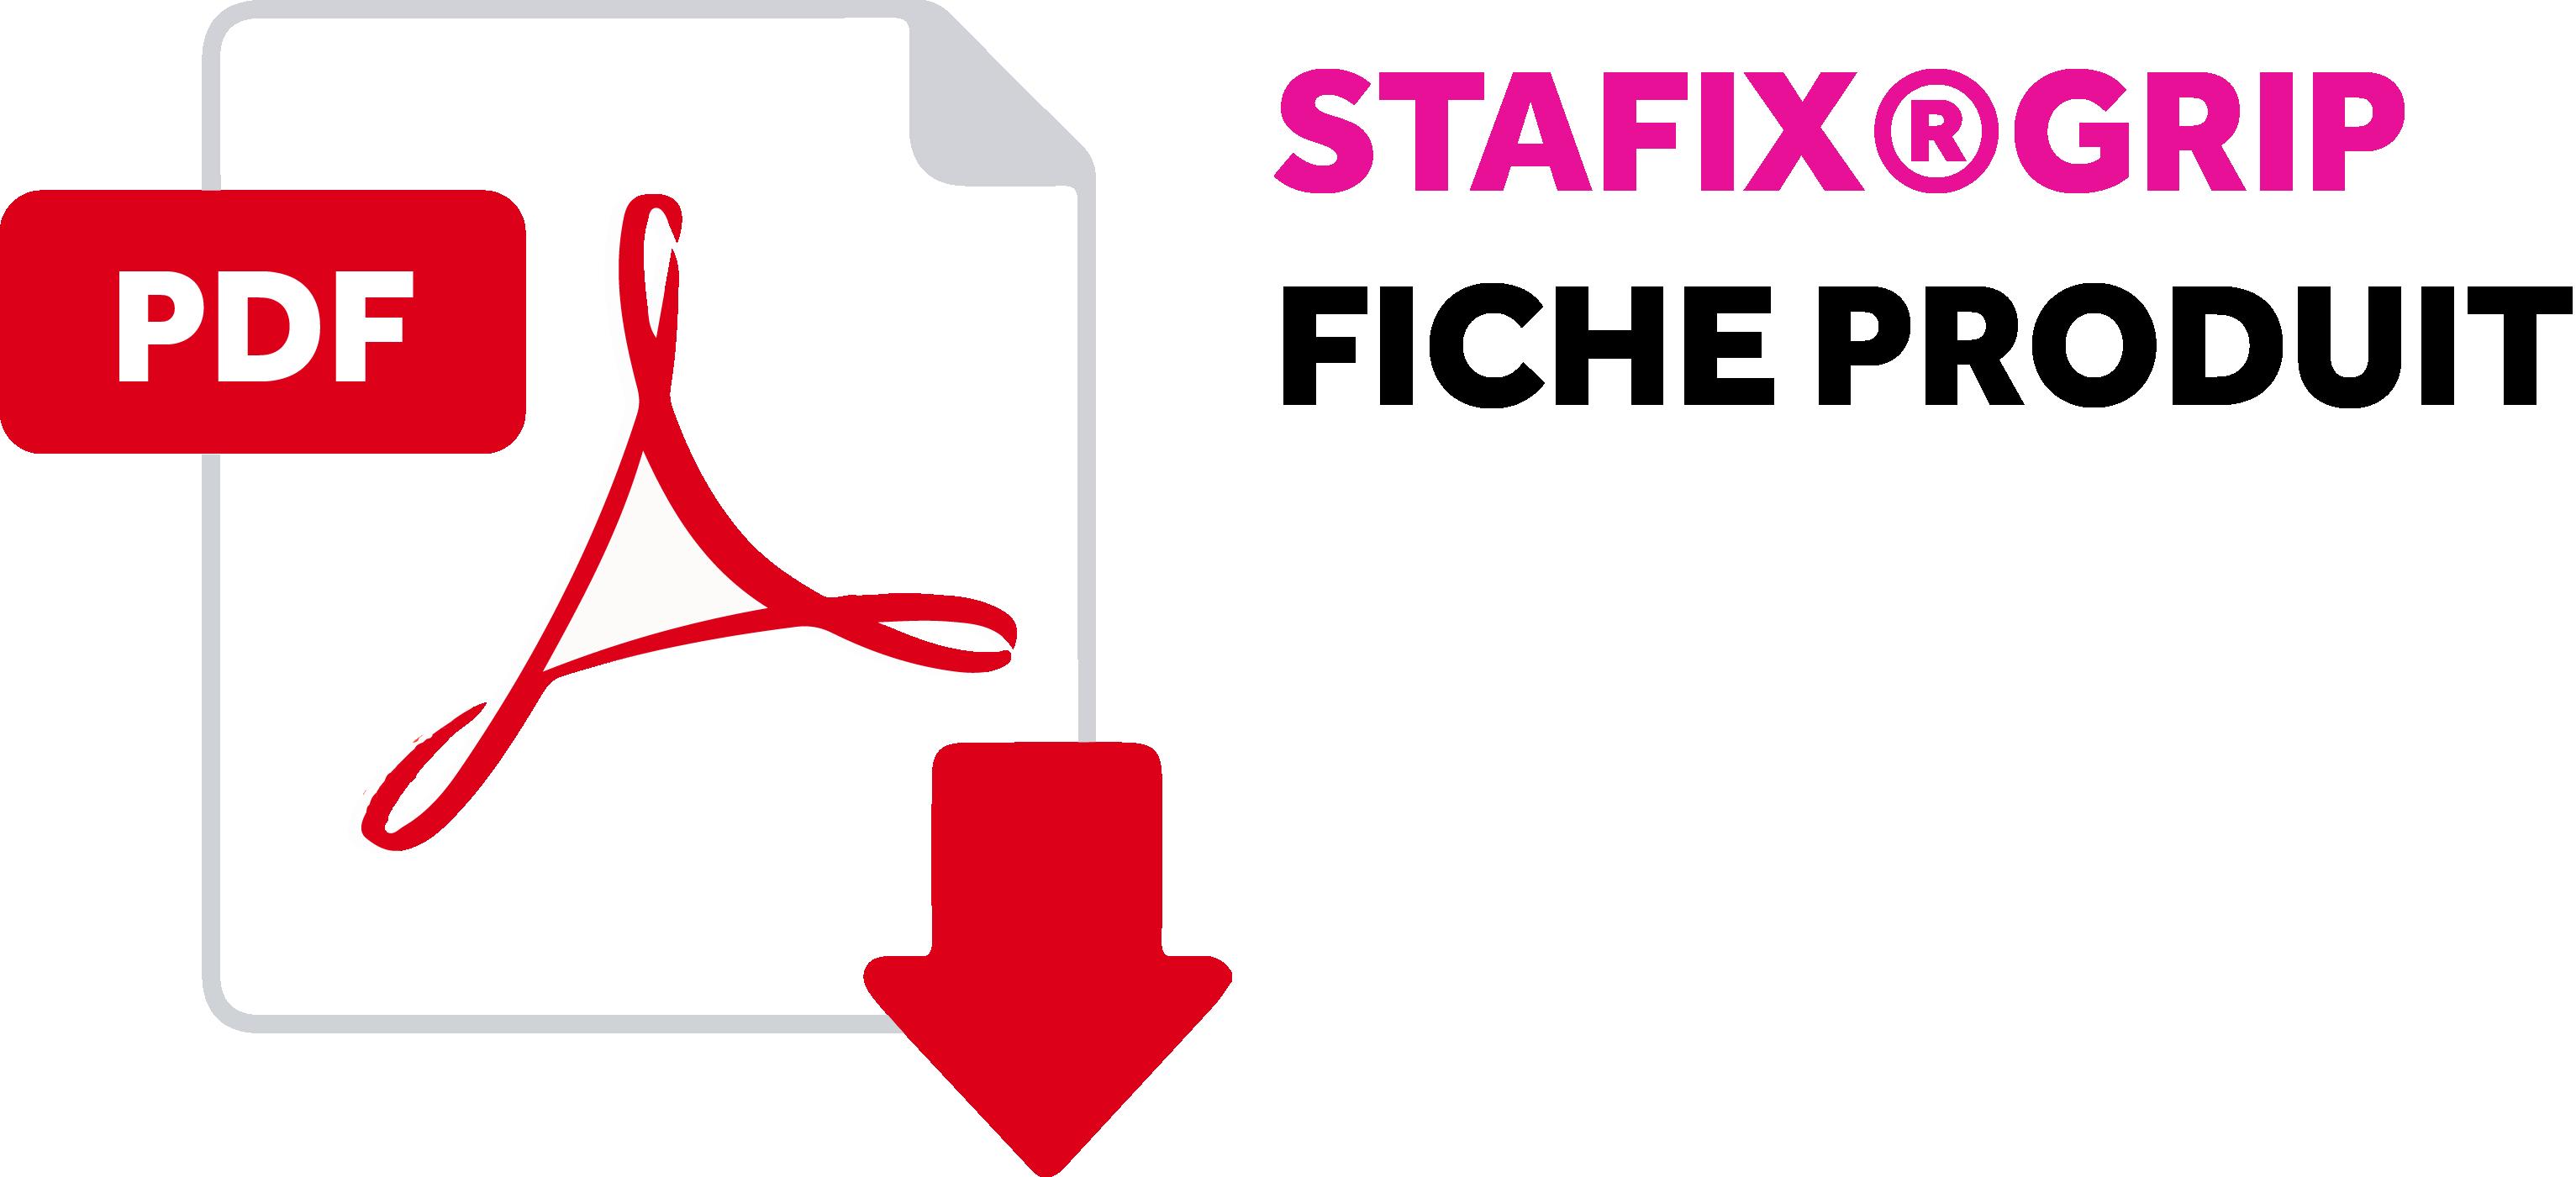 STAFIX®GRIP fiche produit